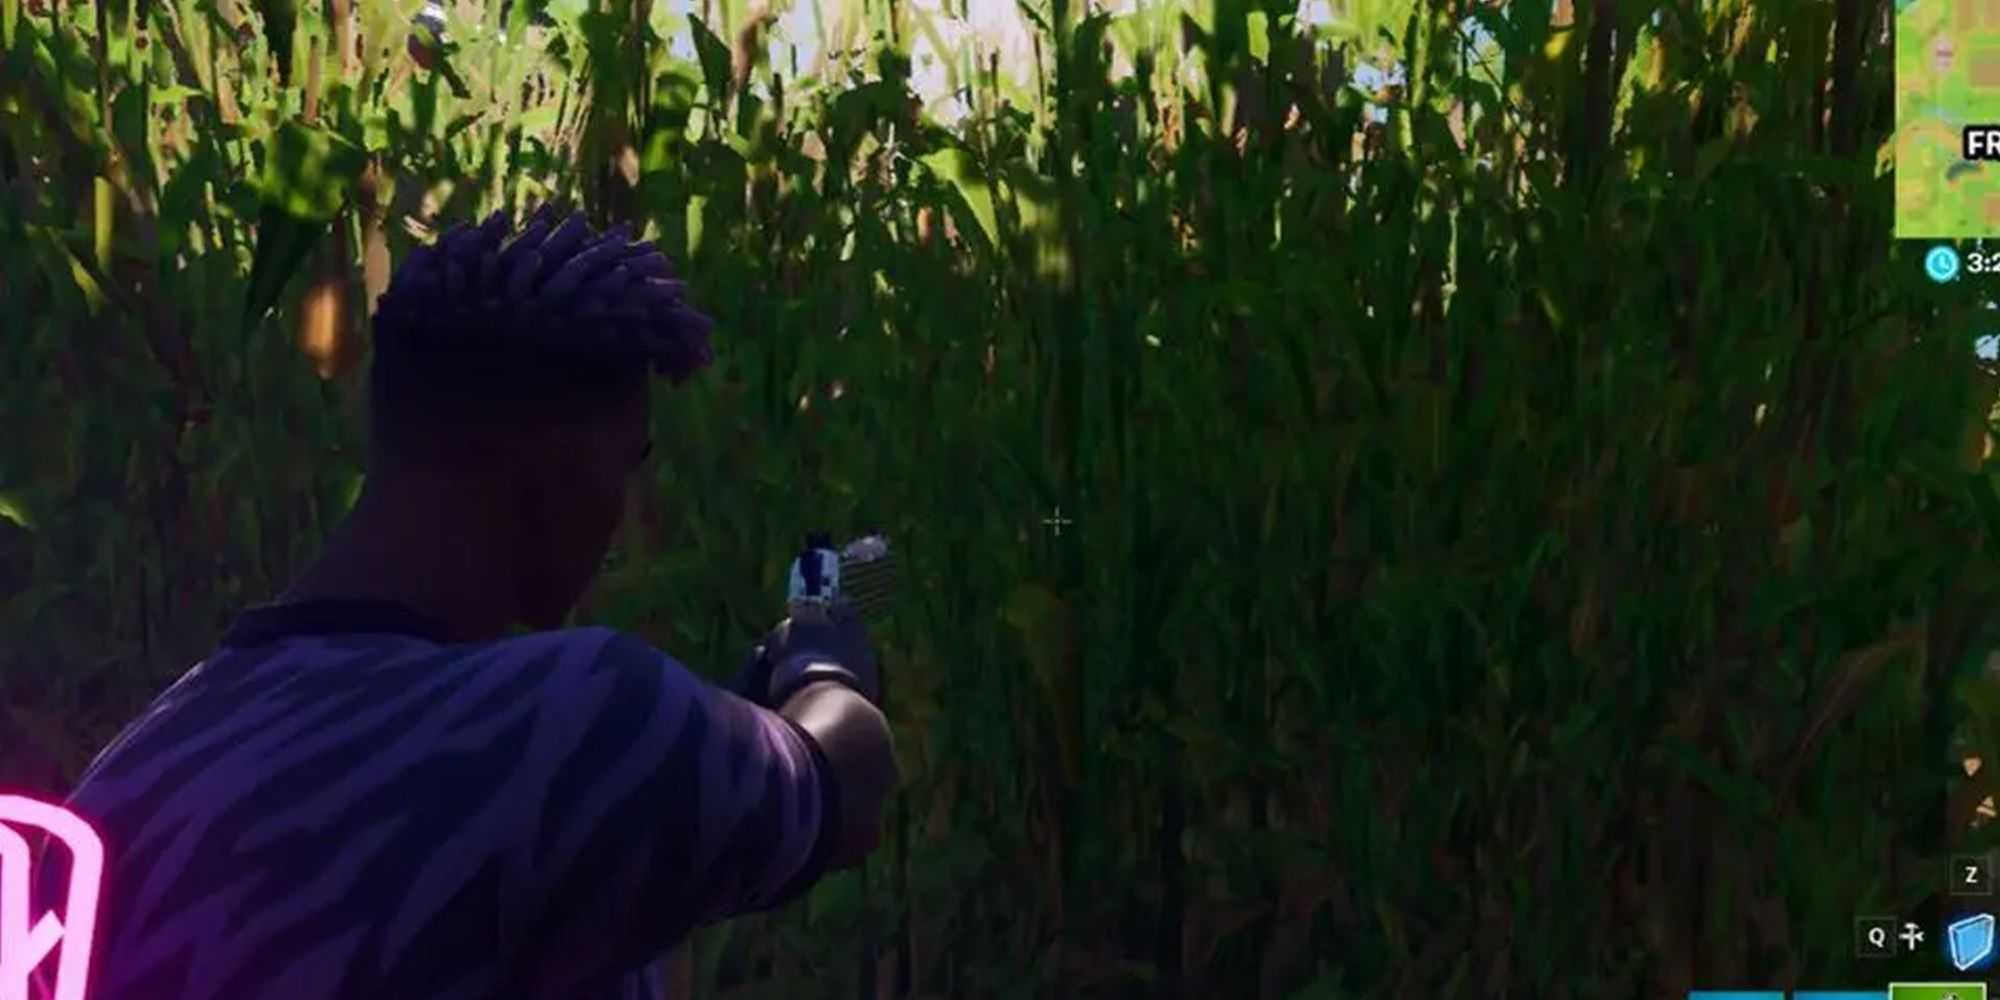 Fortnite: где найти кукурузное поле на стальной ферме